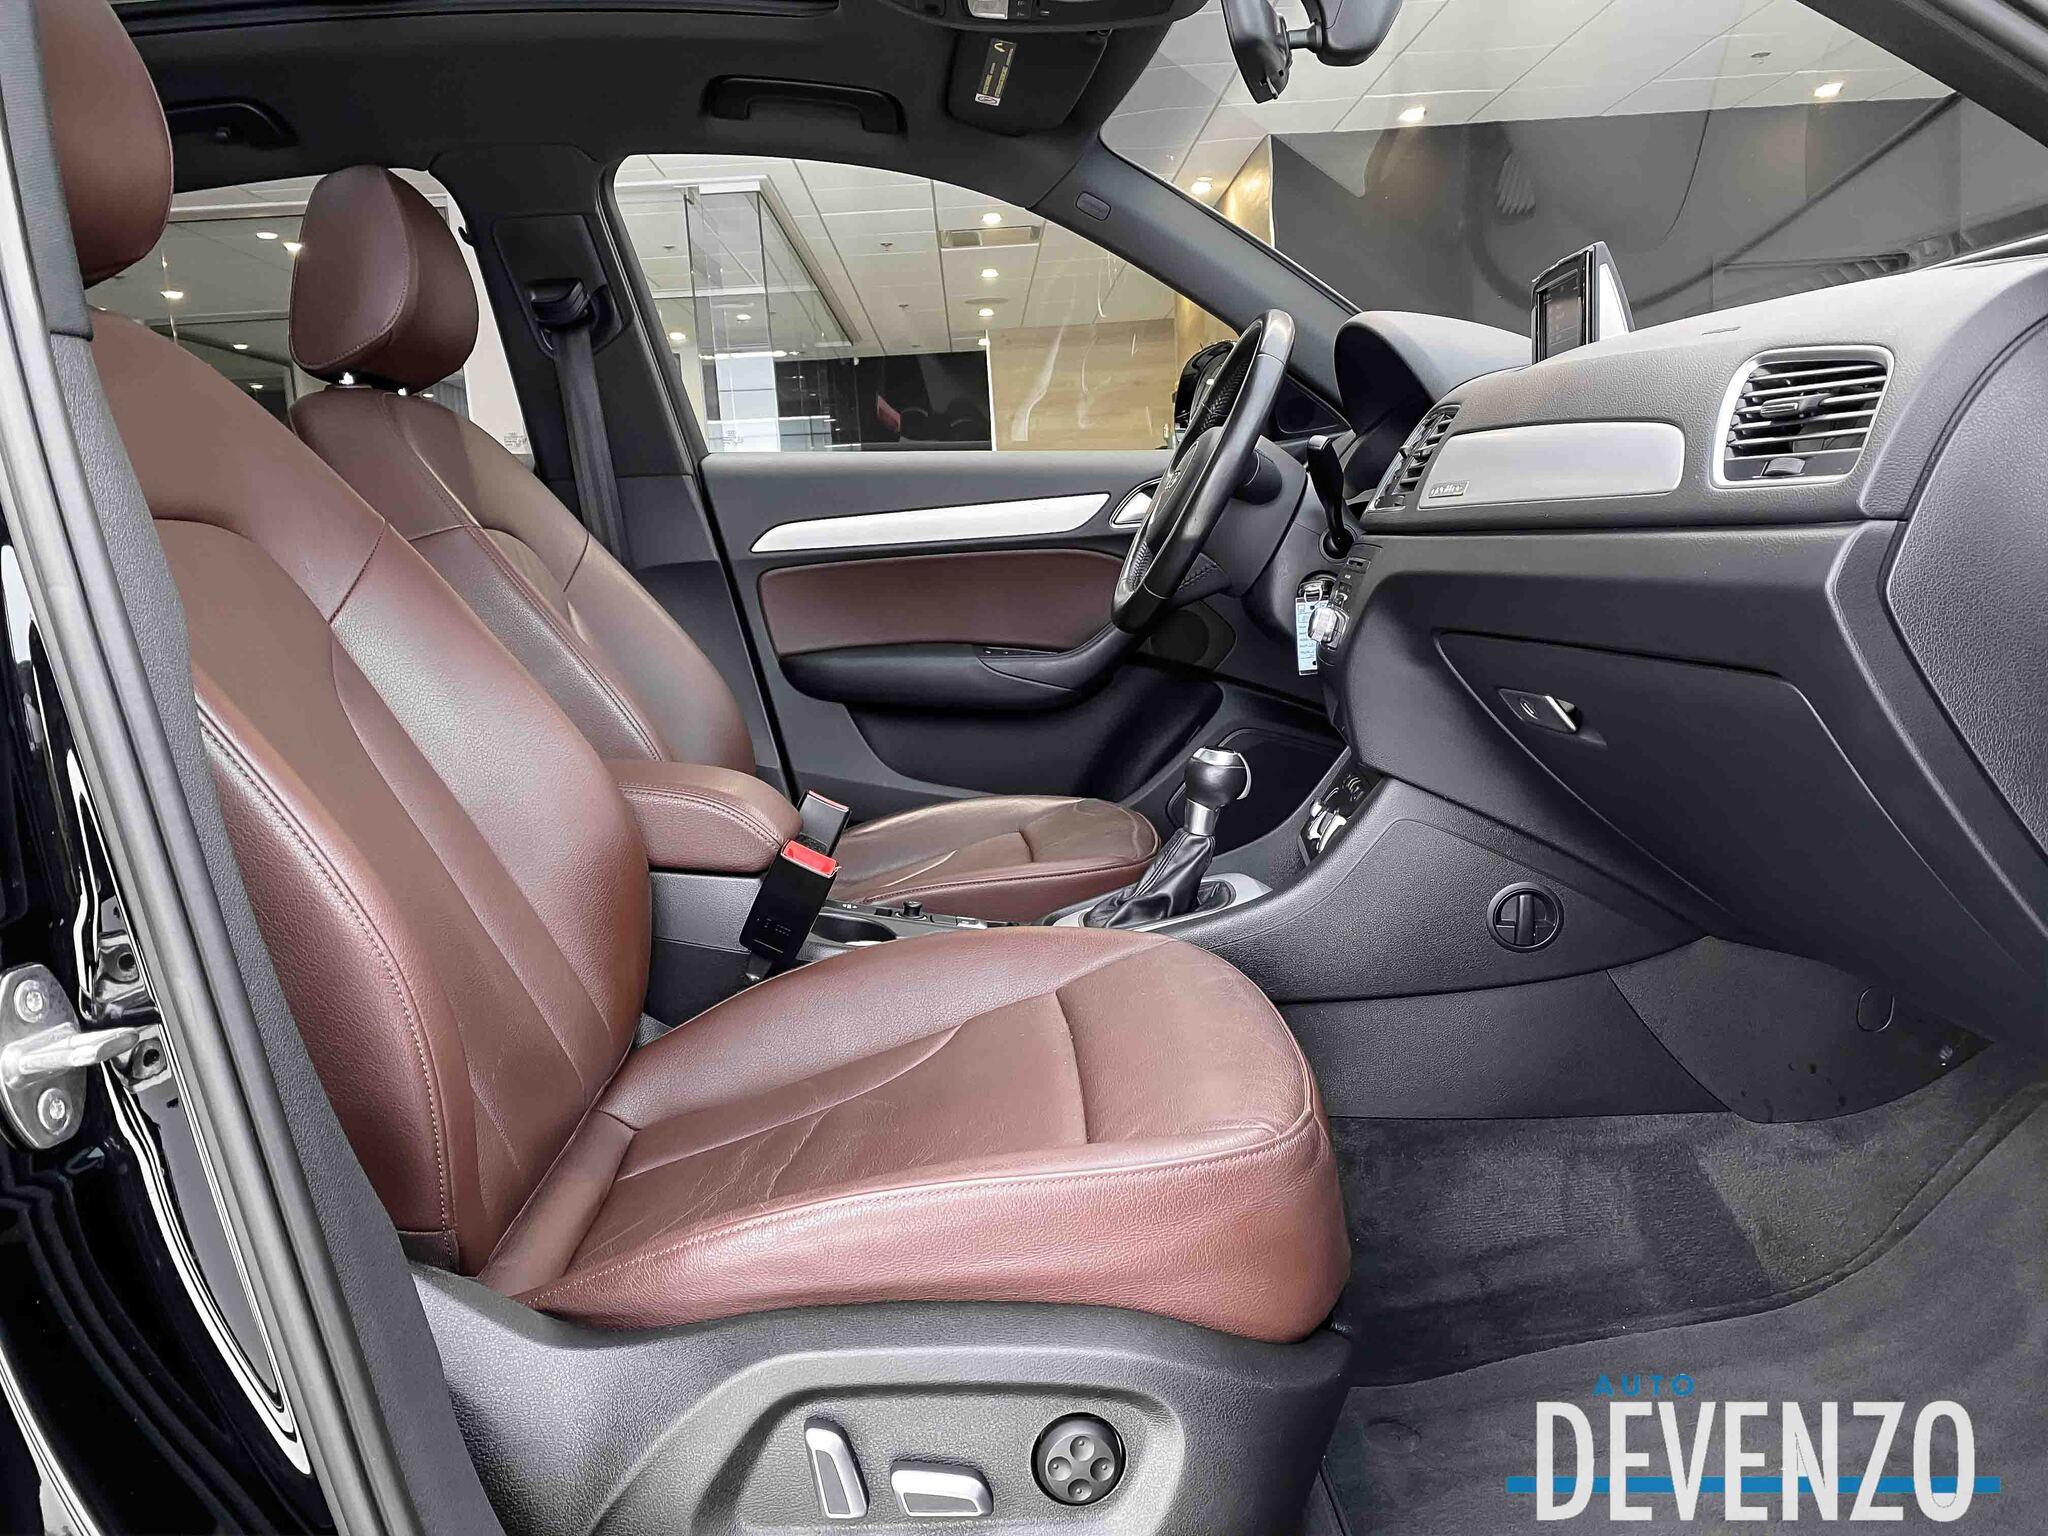 2017 Audi Q3 PREMIUM 2.0T QUATTRO CUIR BRUN / TOIT PANO full